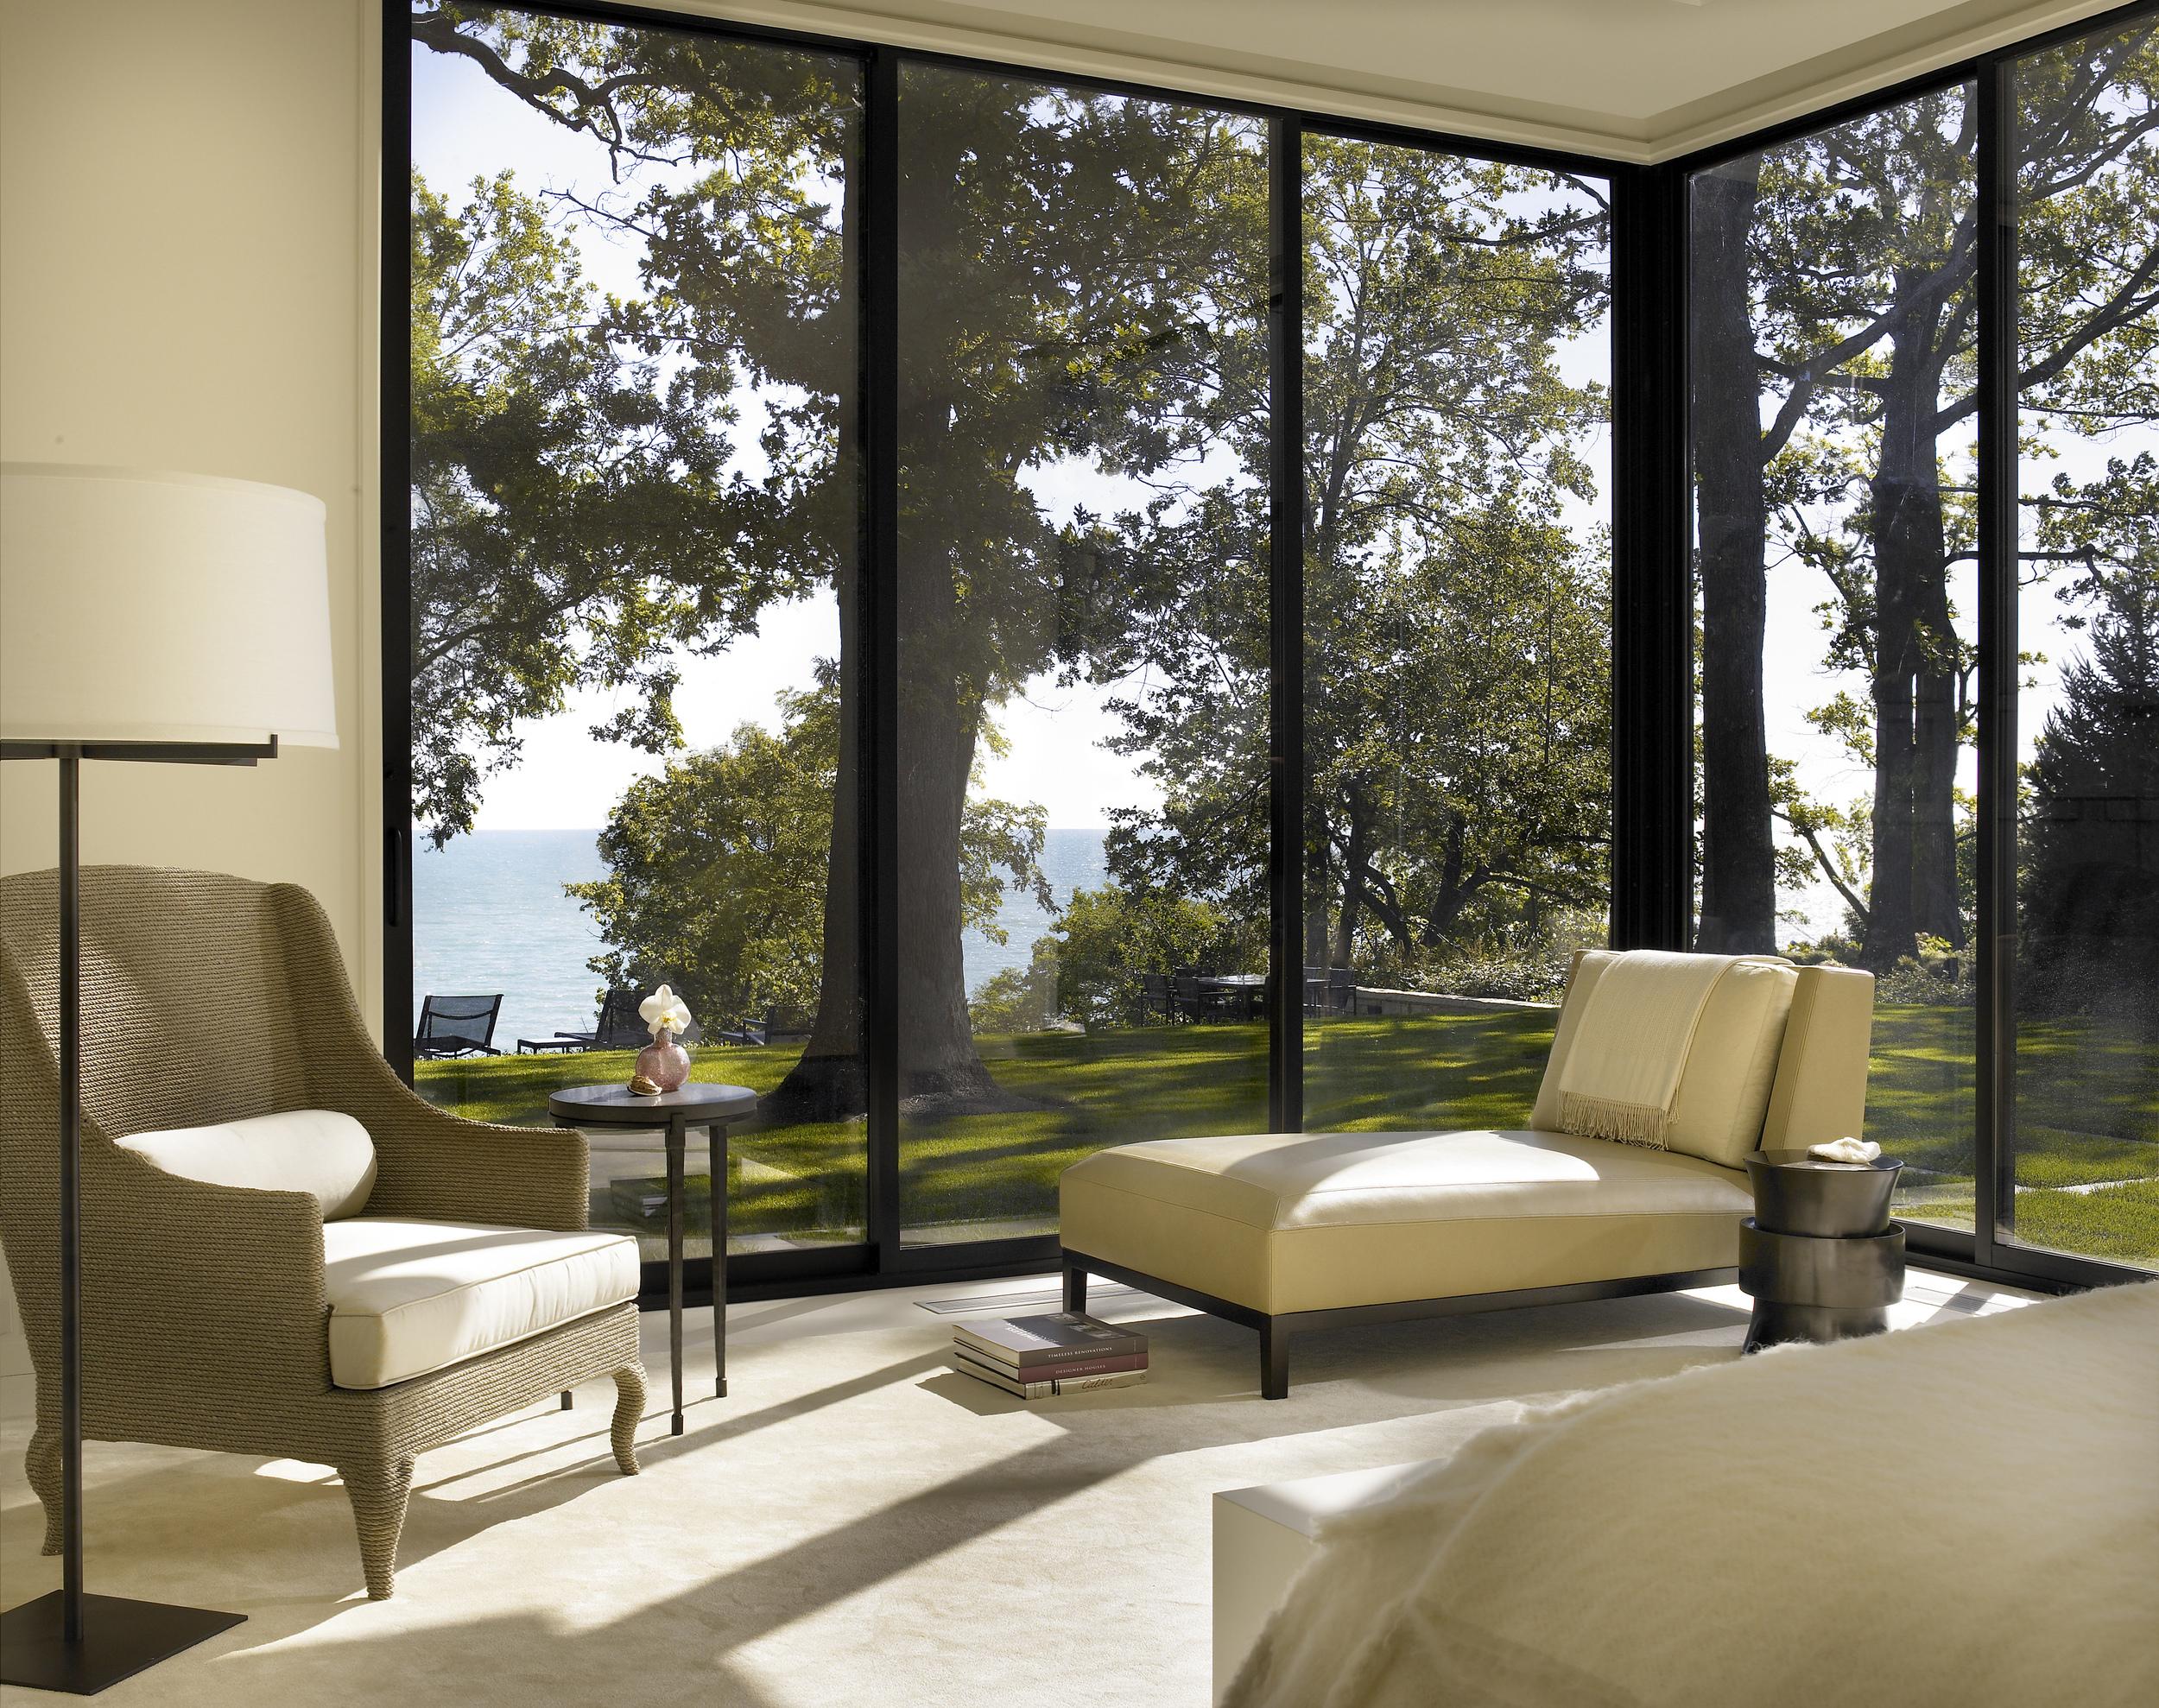 Kadlec Architecture + Design - Modern Lakefront Residence 10.jpg